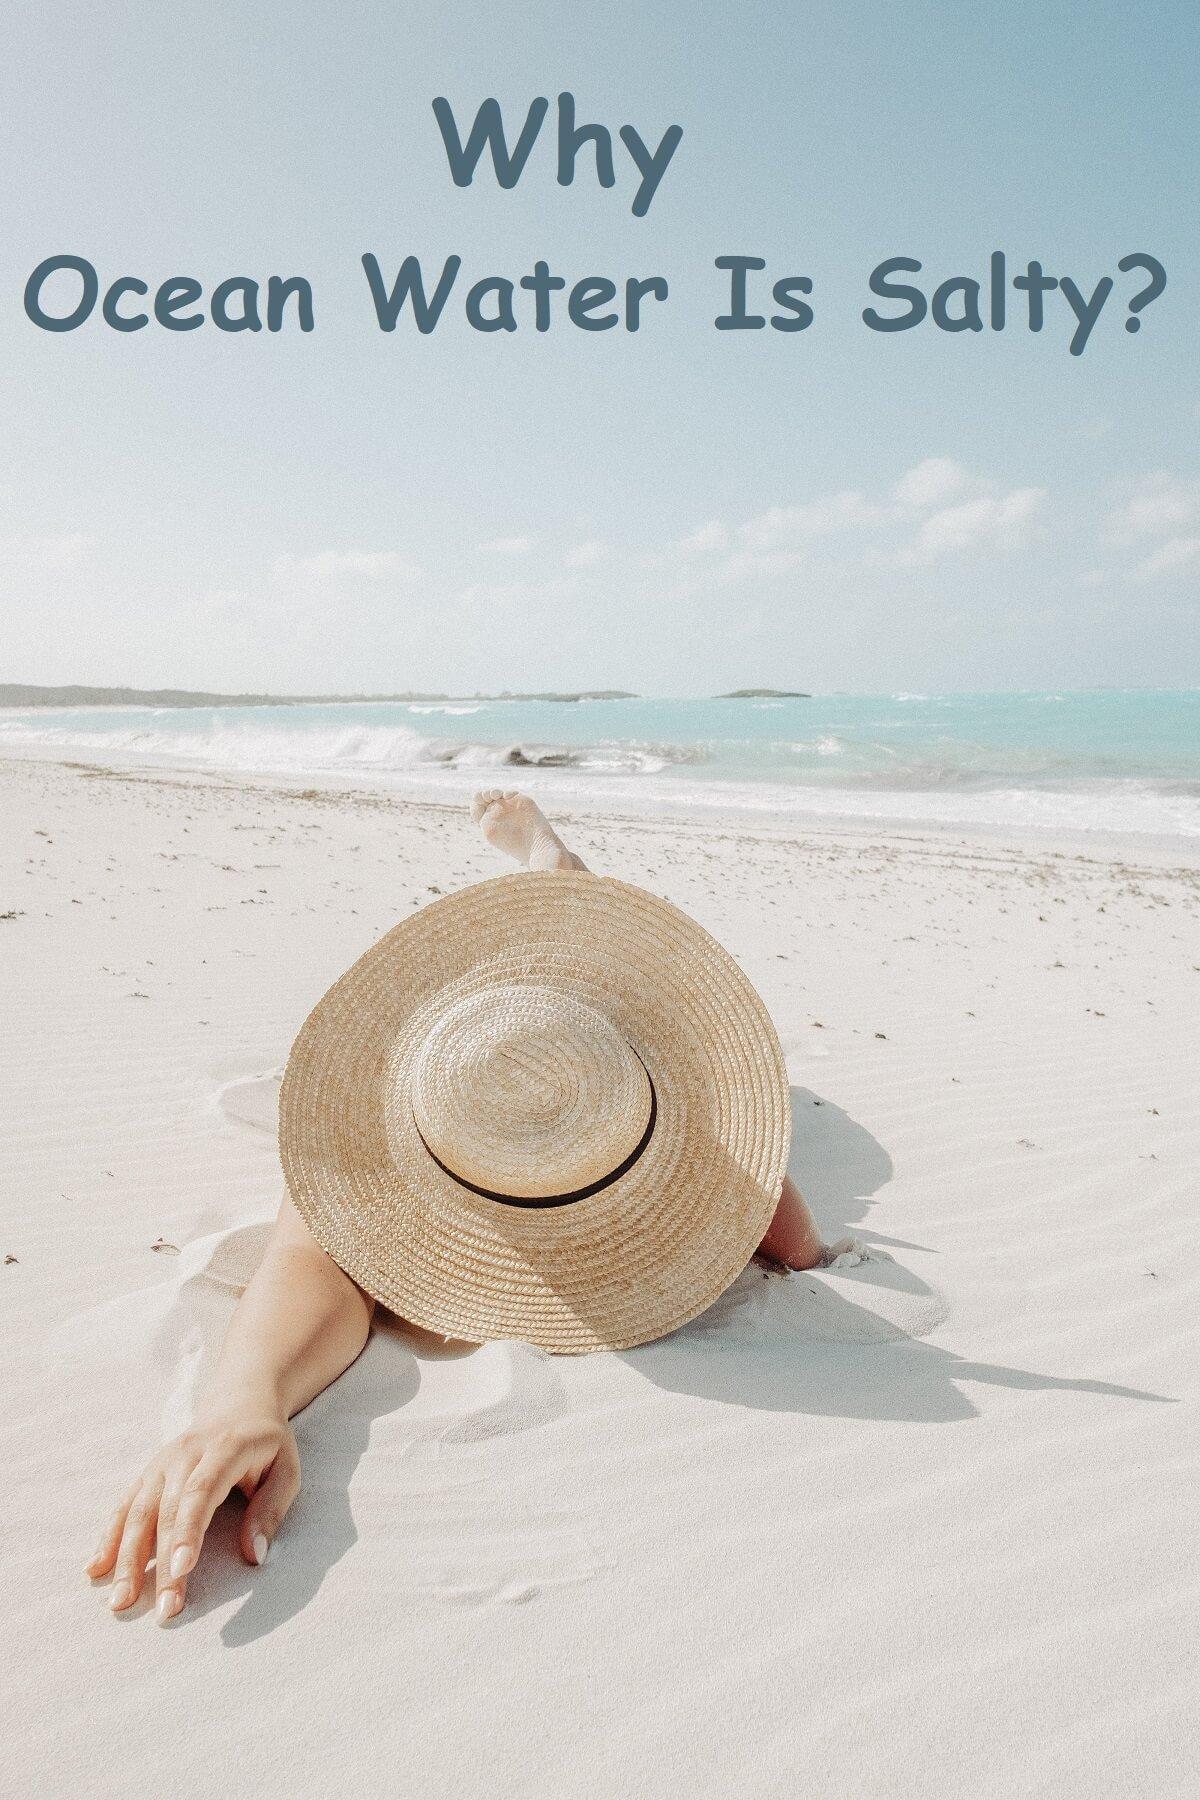 why ocean water is salty